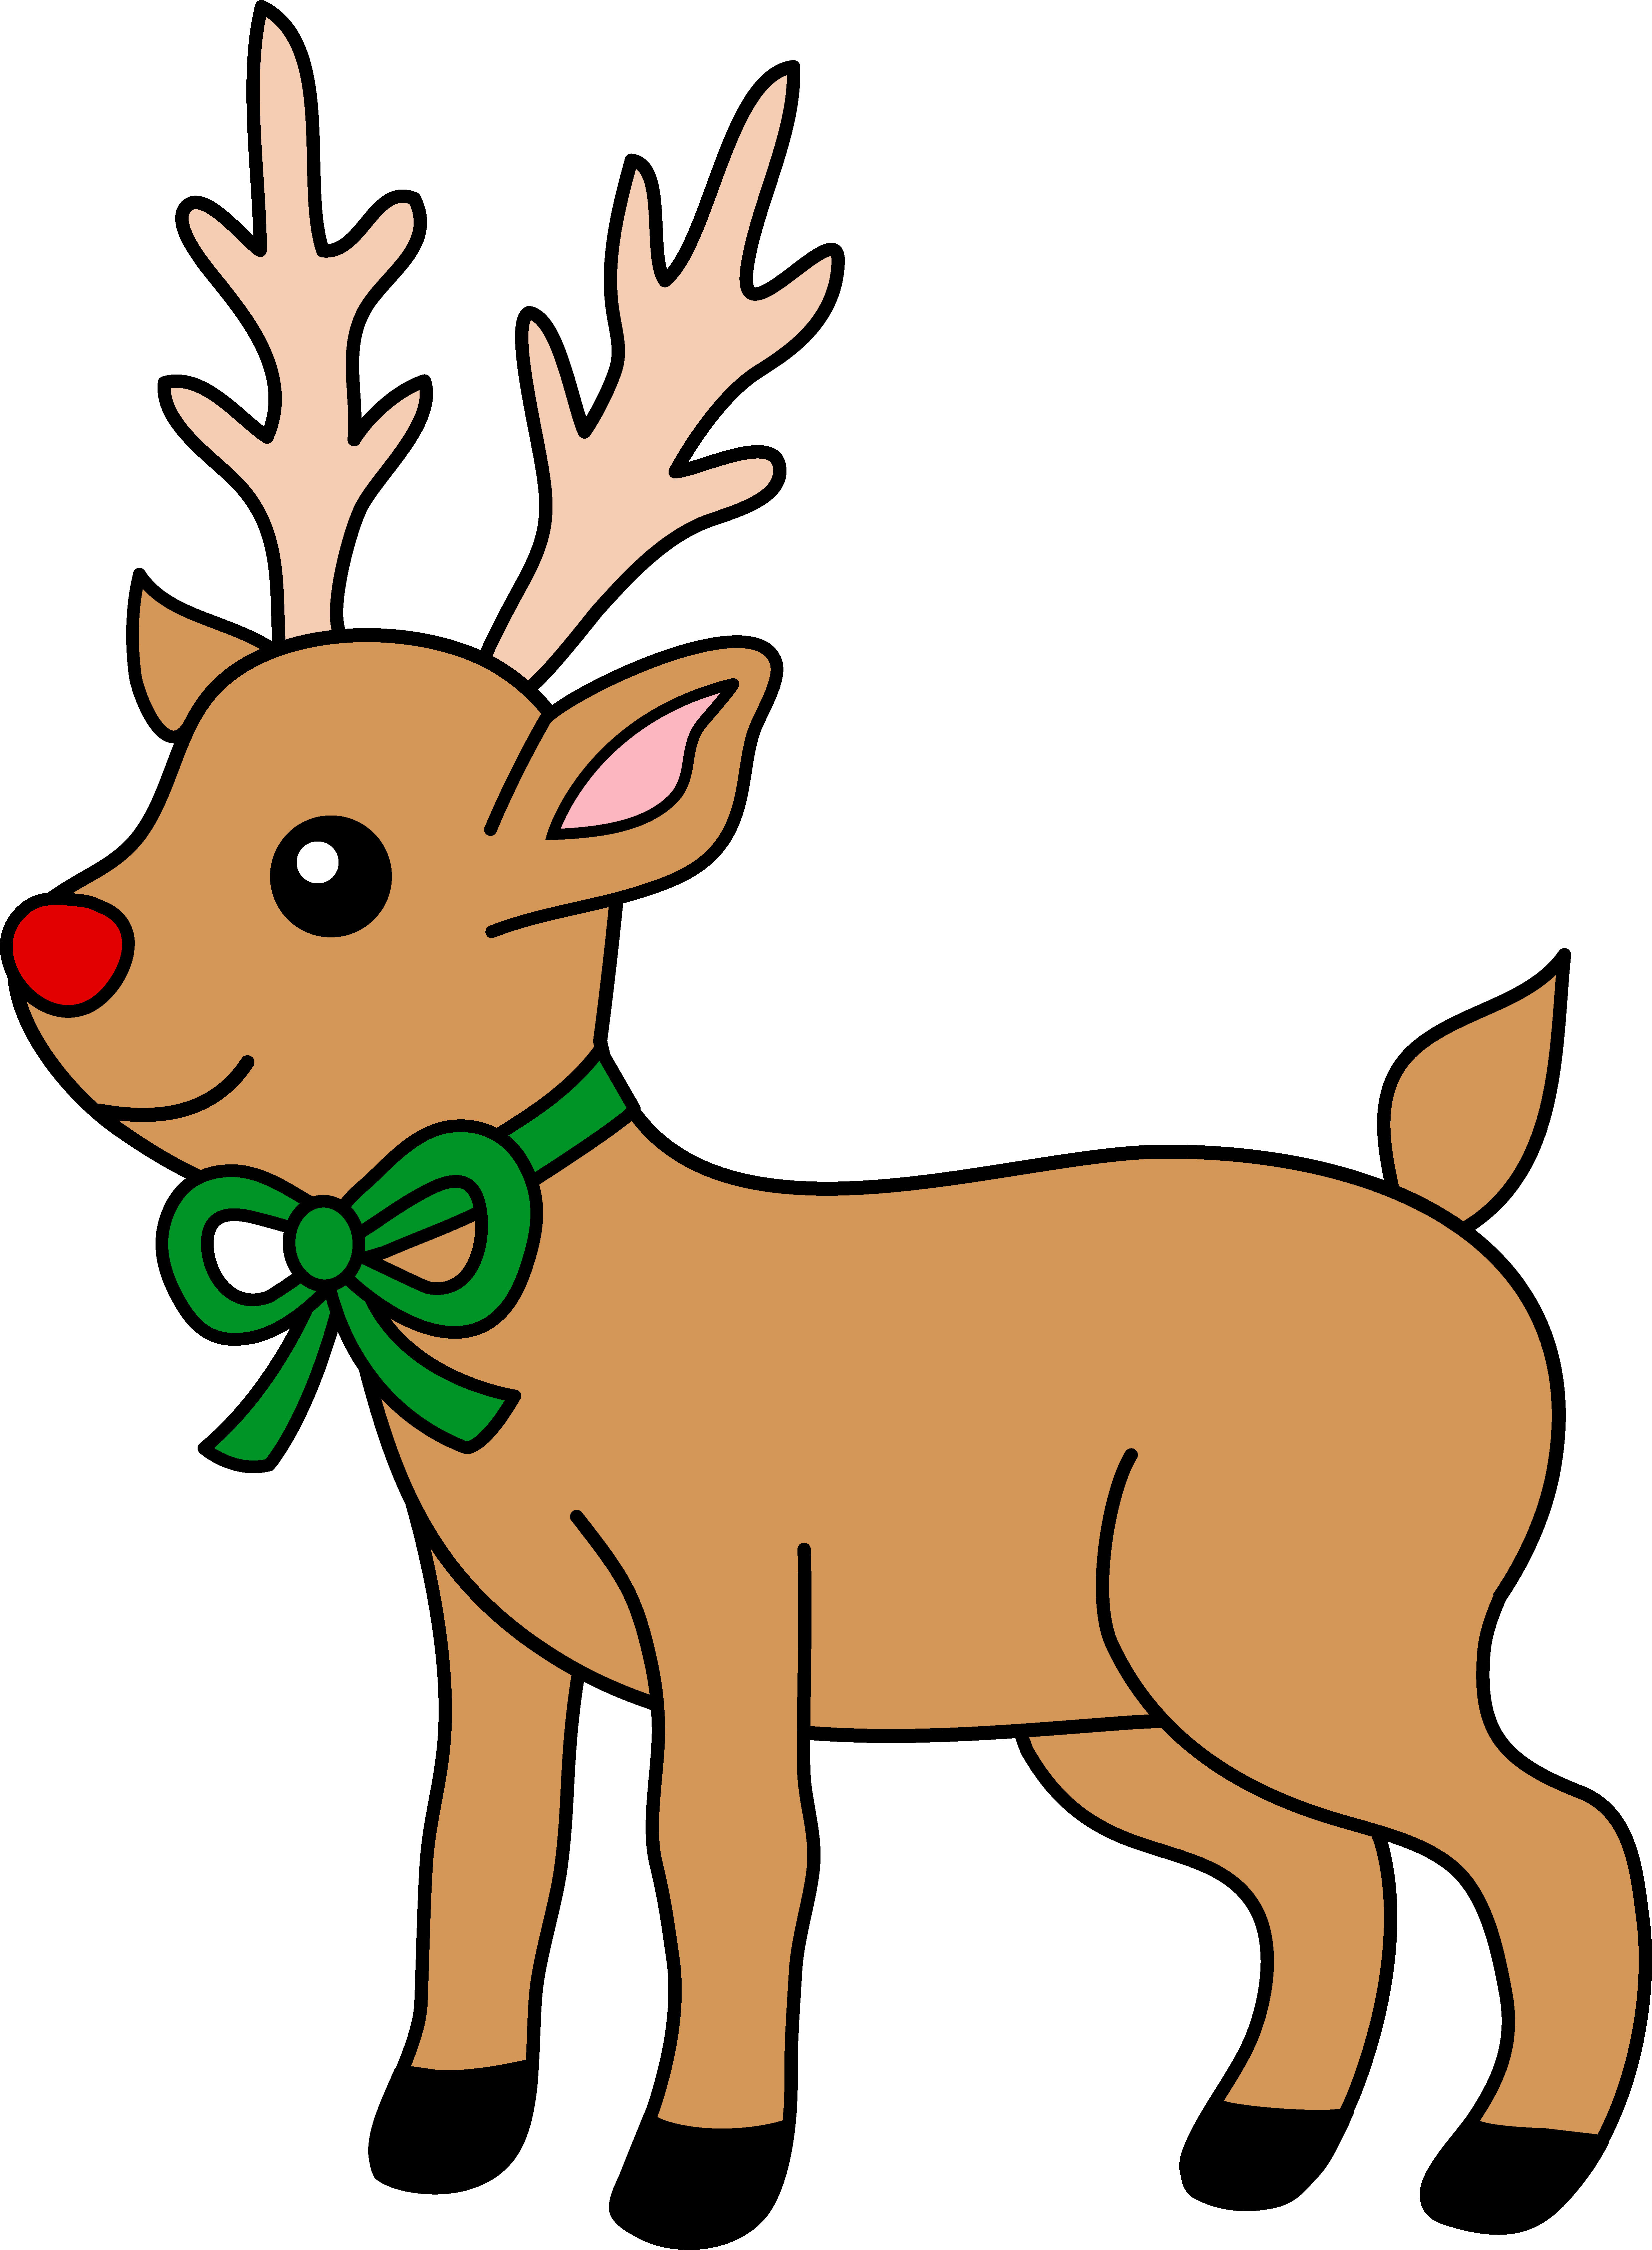 Cute reindeer clipart png free Cartoon Reindeer Clipart | Free download best Cartoon Reindeer ... png free